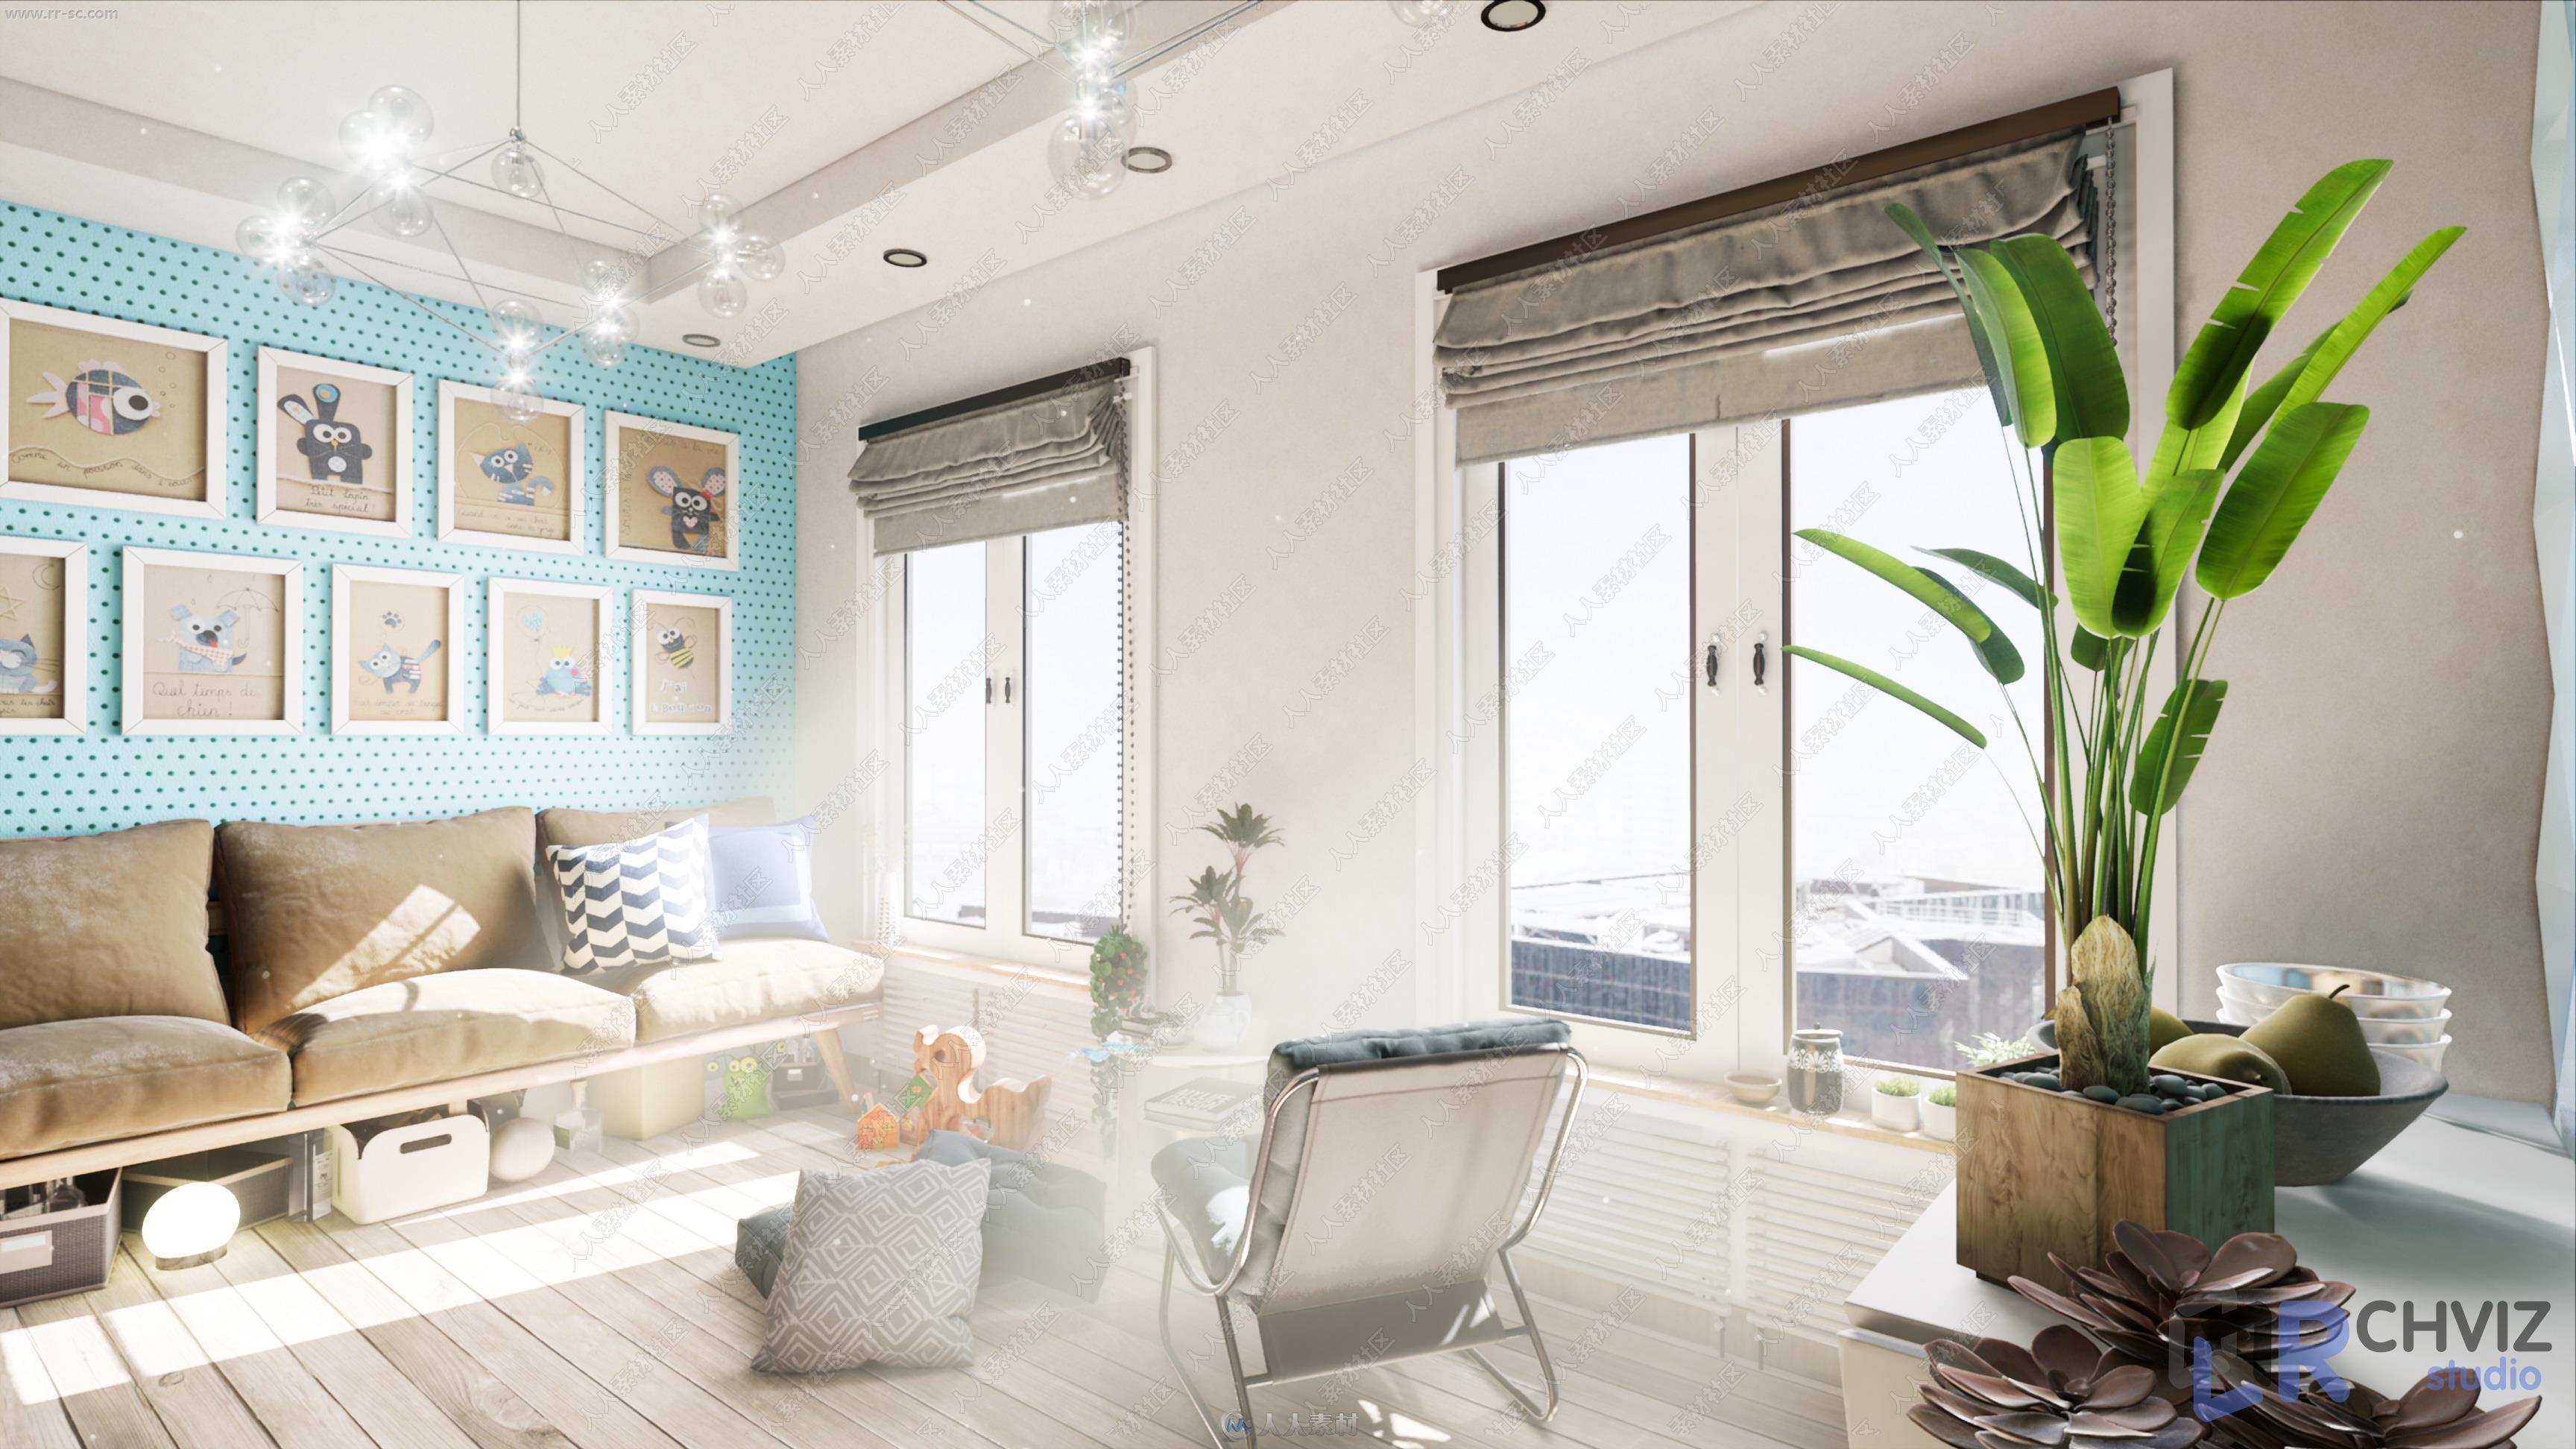 温馨家庭一居室精致装修环境UE4游戏素材资源